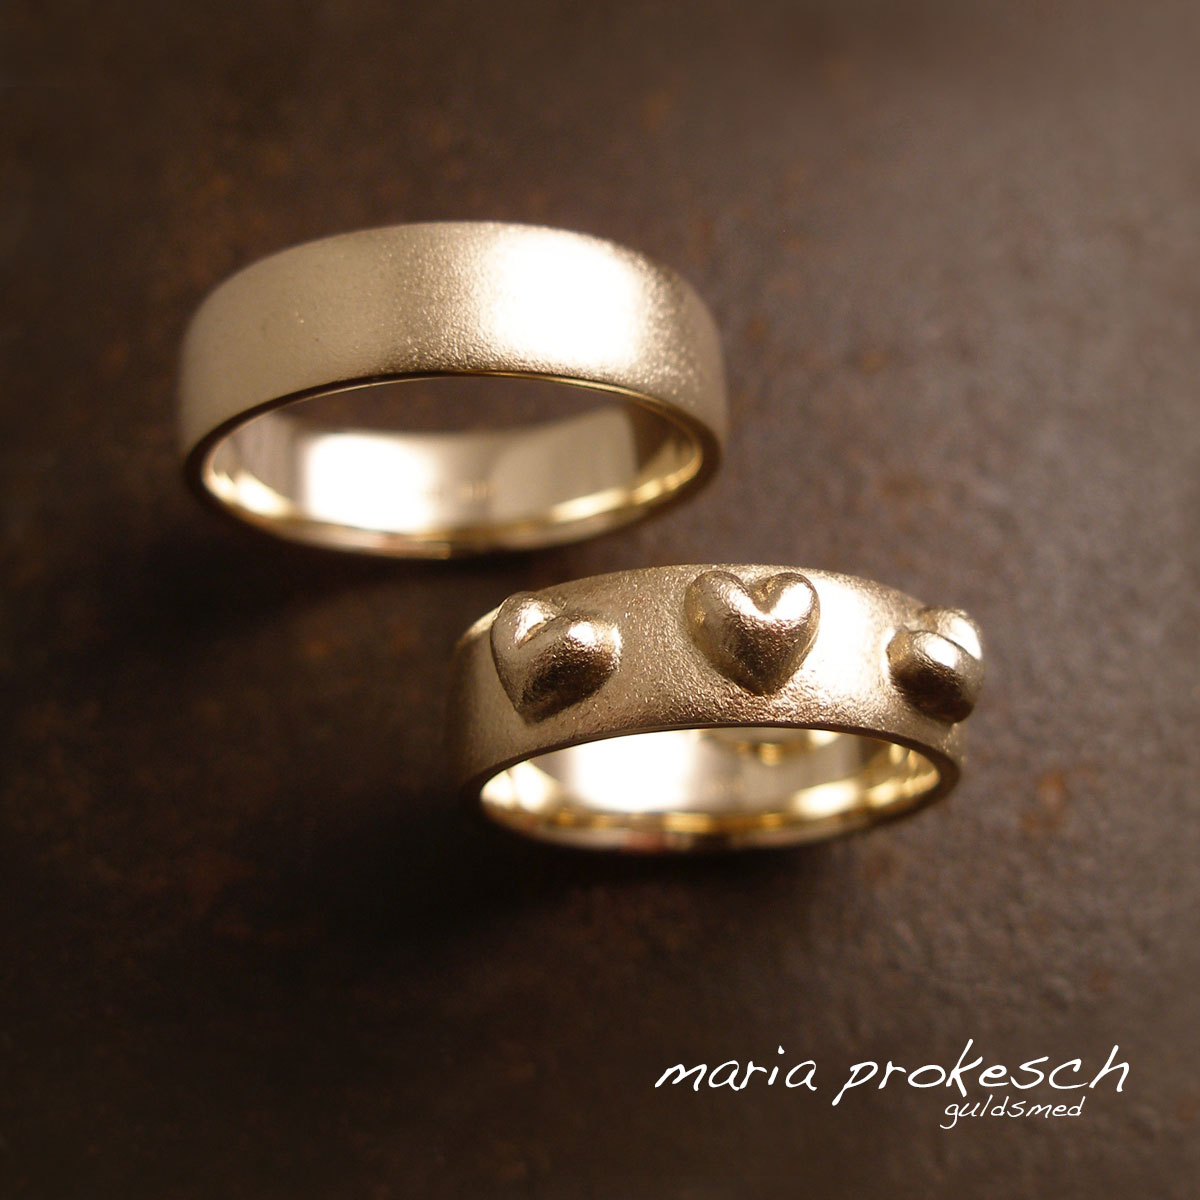 Rustikke forlovelsesringe med tre ophøjede buttede hjerter. Et utraditionel anderledes design. Håndlavet fra eget værksted efter jeres valg.